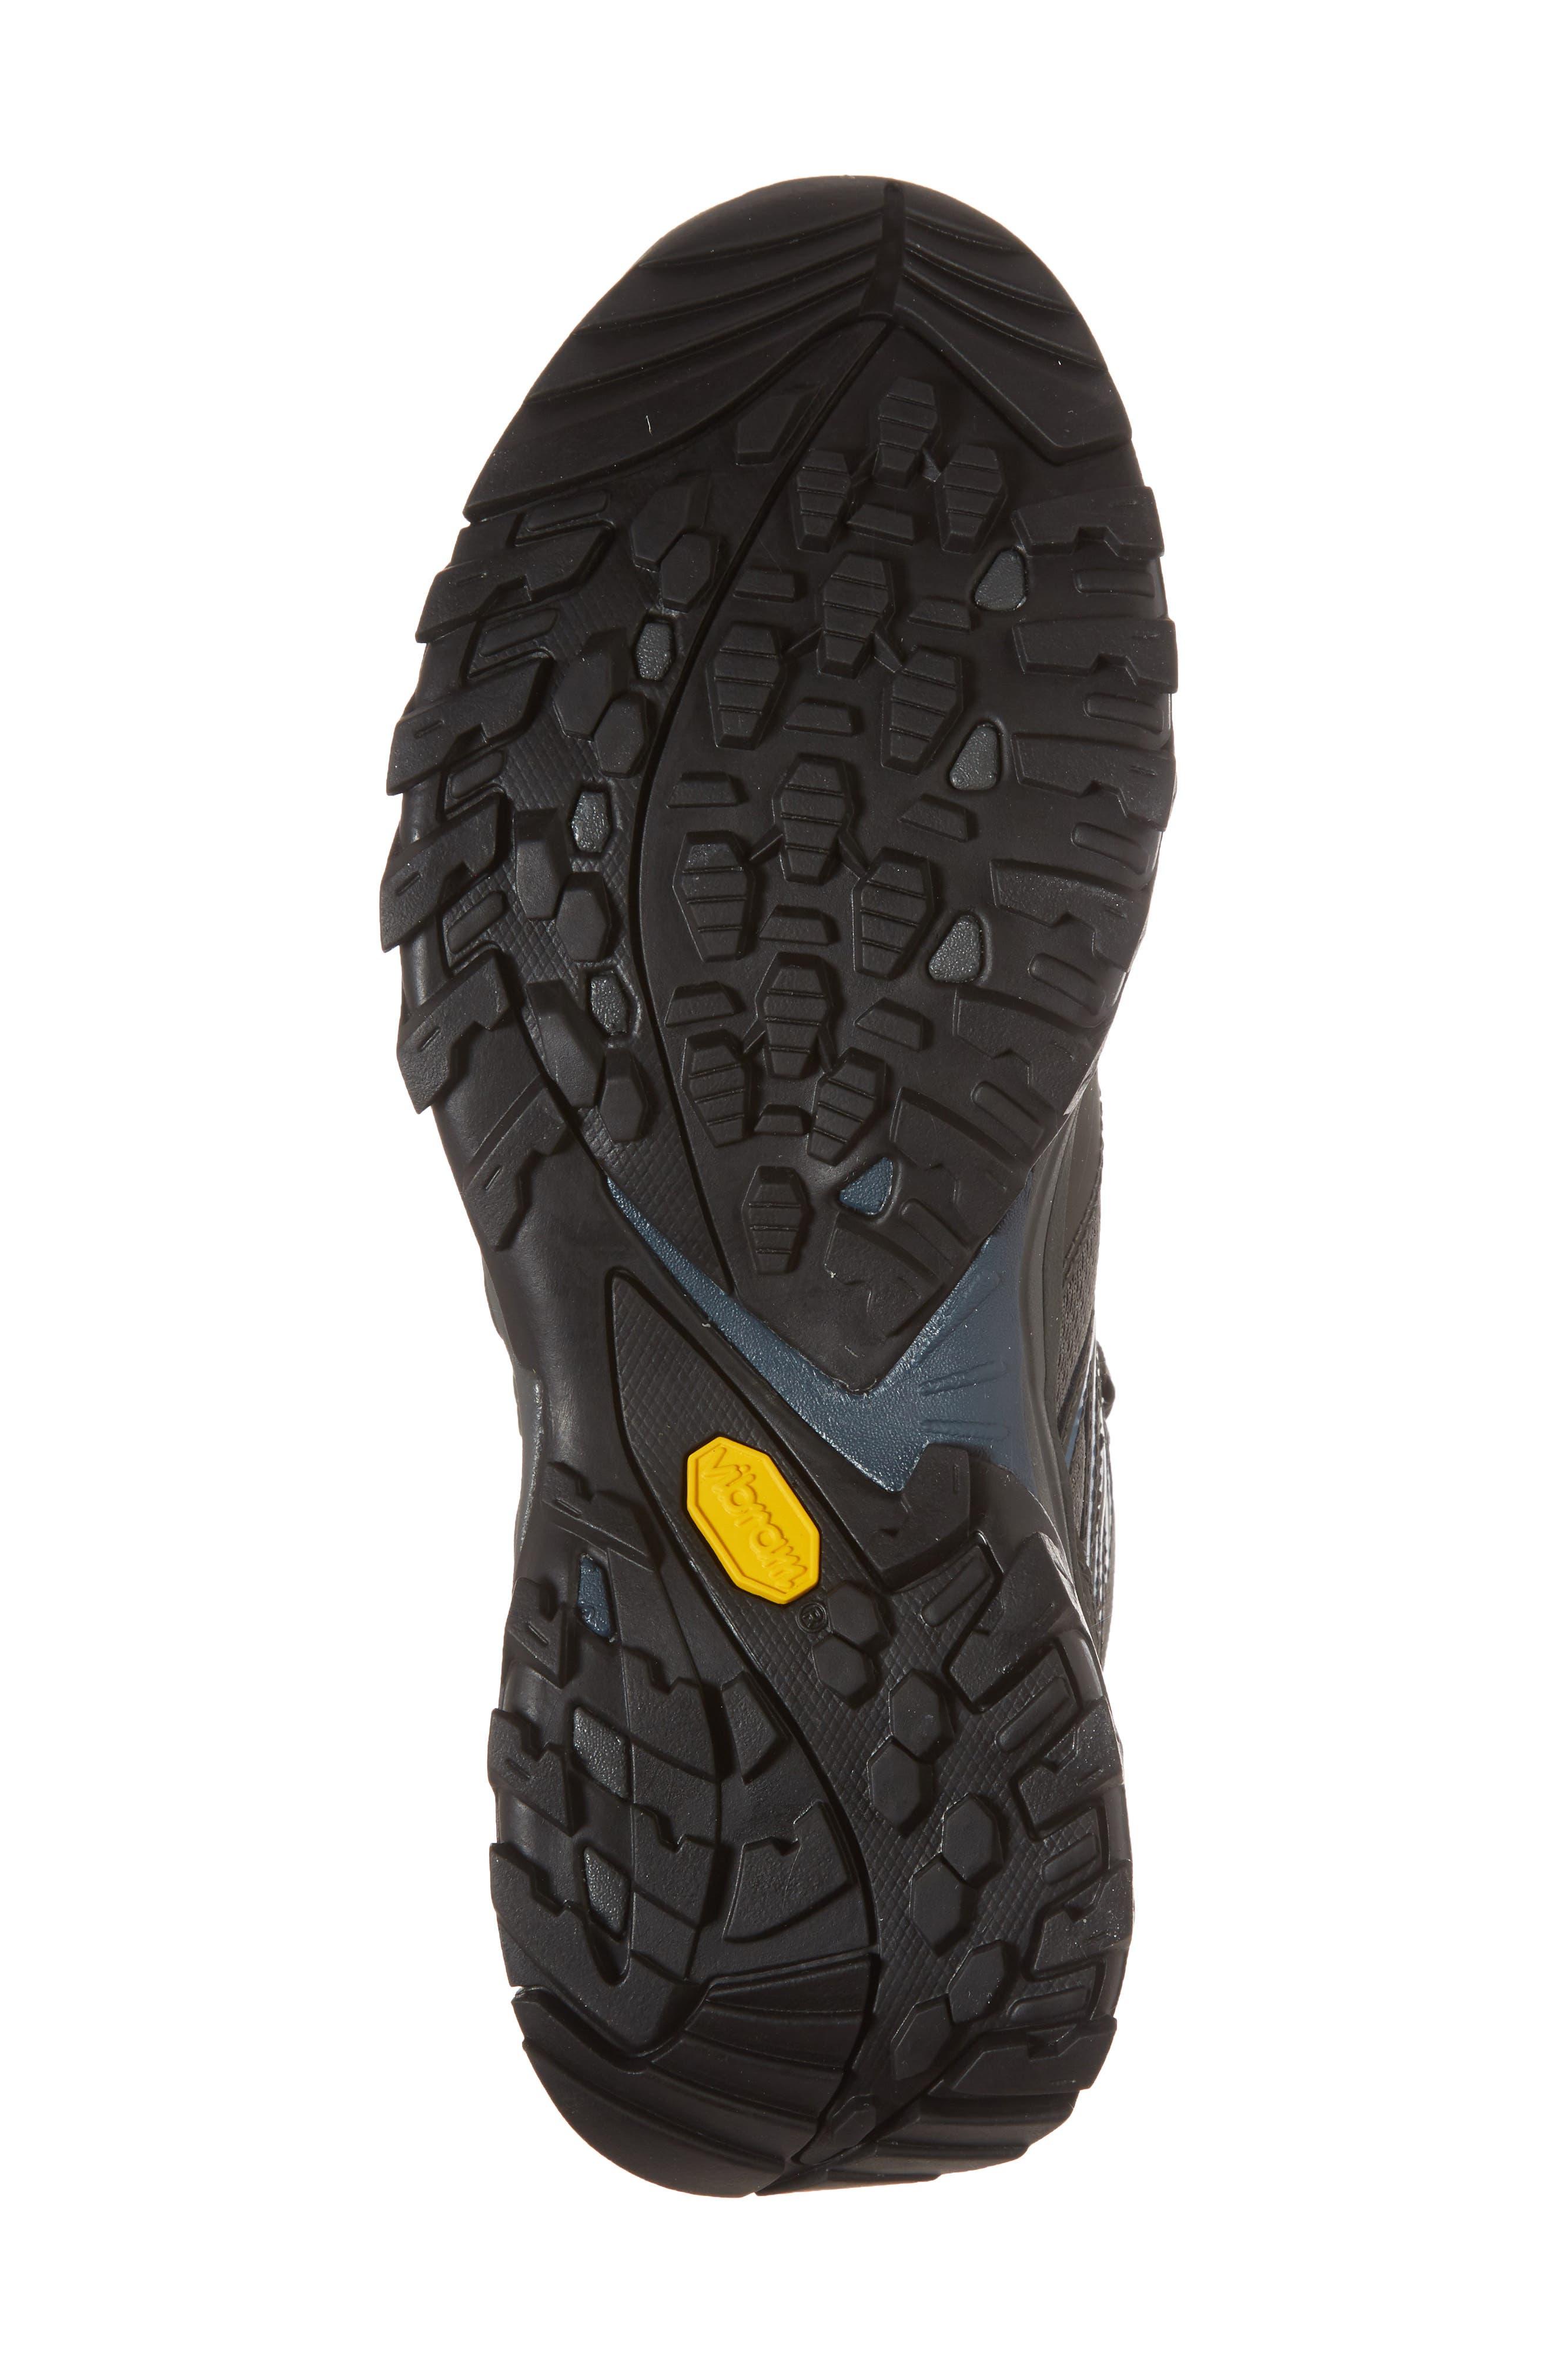 Hedgehog Fastpack Mid Gore-Tex<sup>®</sup> Waterproof Hiking Shoe,                             Alternate thumbnail 6, color,                             020